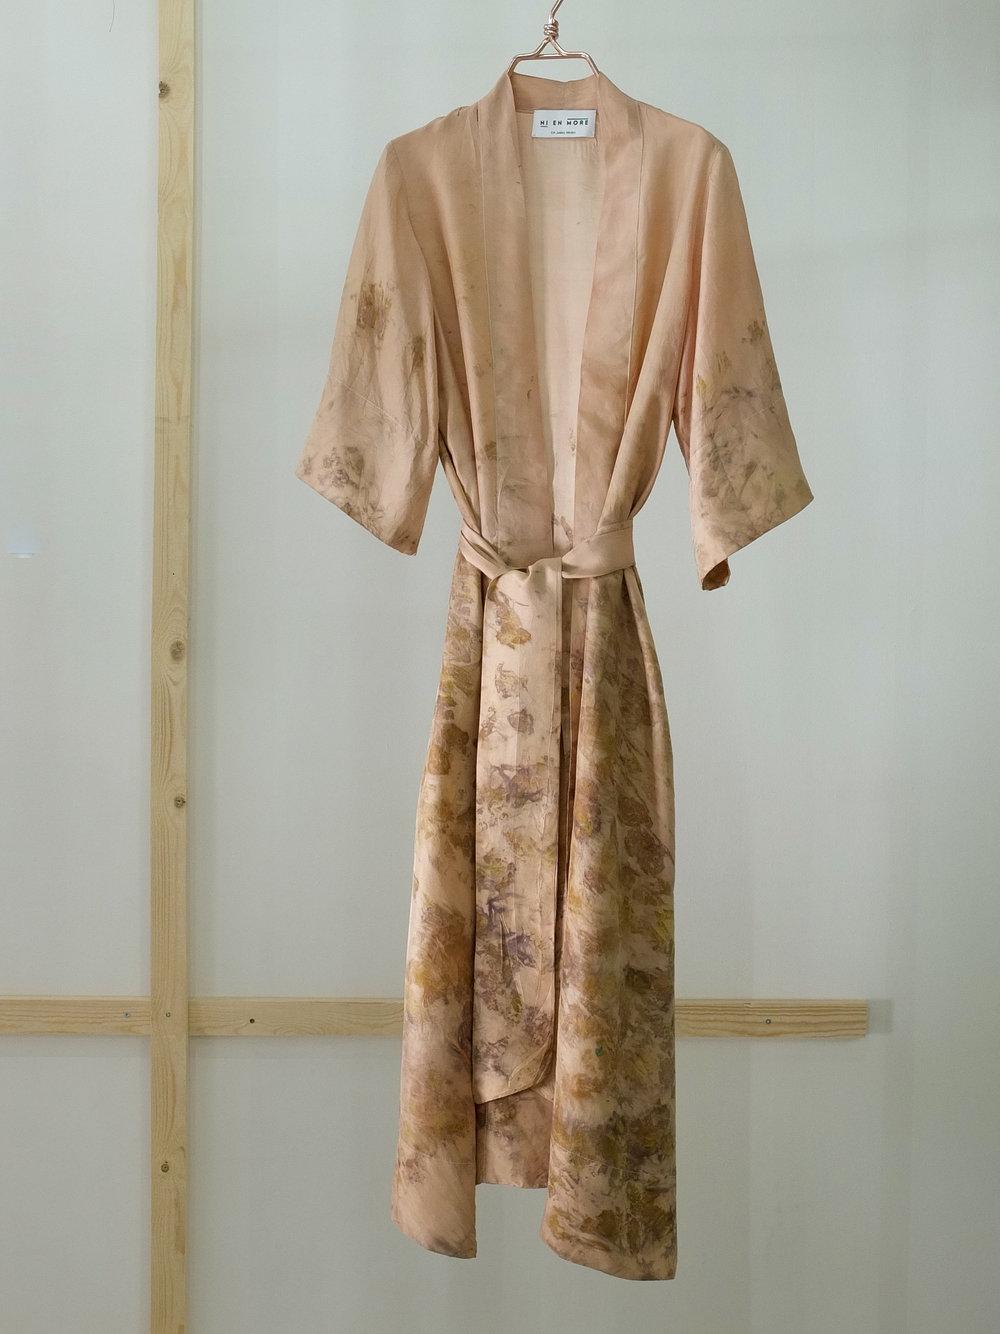 Robe 11 front m belte.JPG